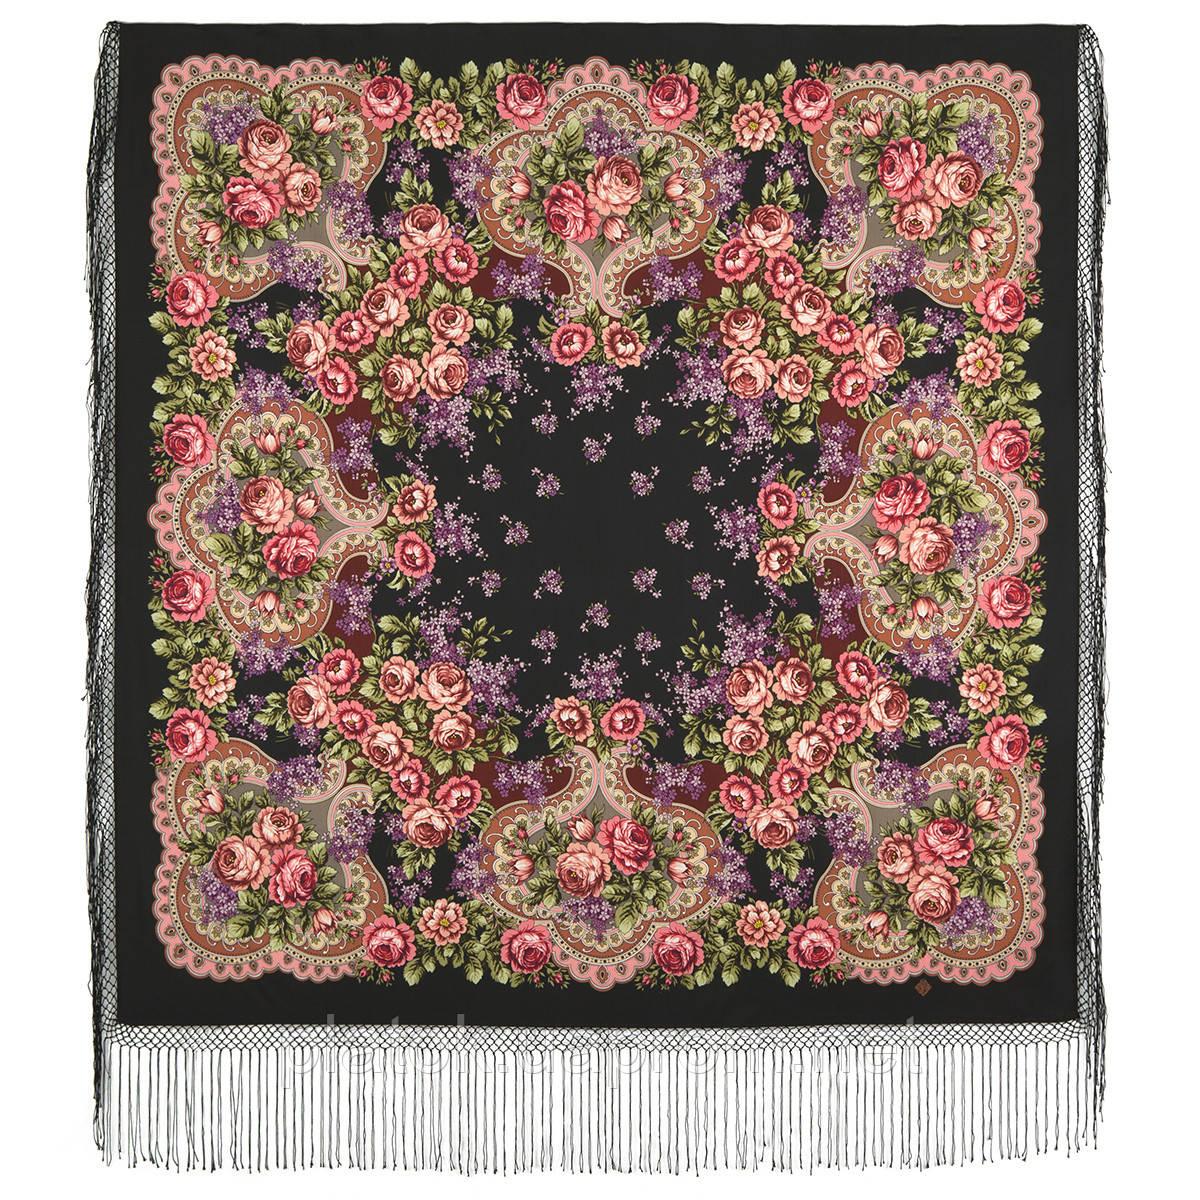 Сиреневый туман 983-19, павлопосадский платок (шаль) из уплотненной шерсти с шелковой вязанной бахромой